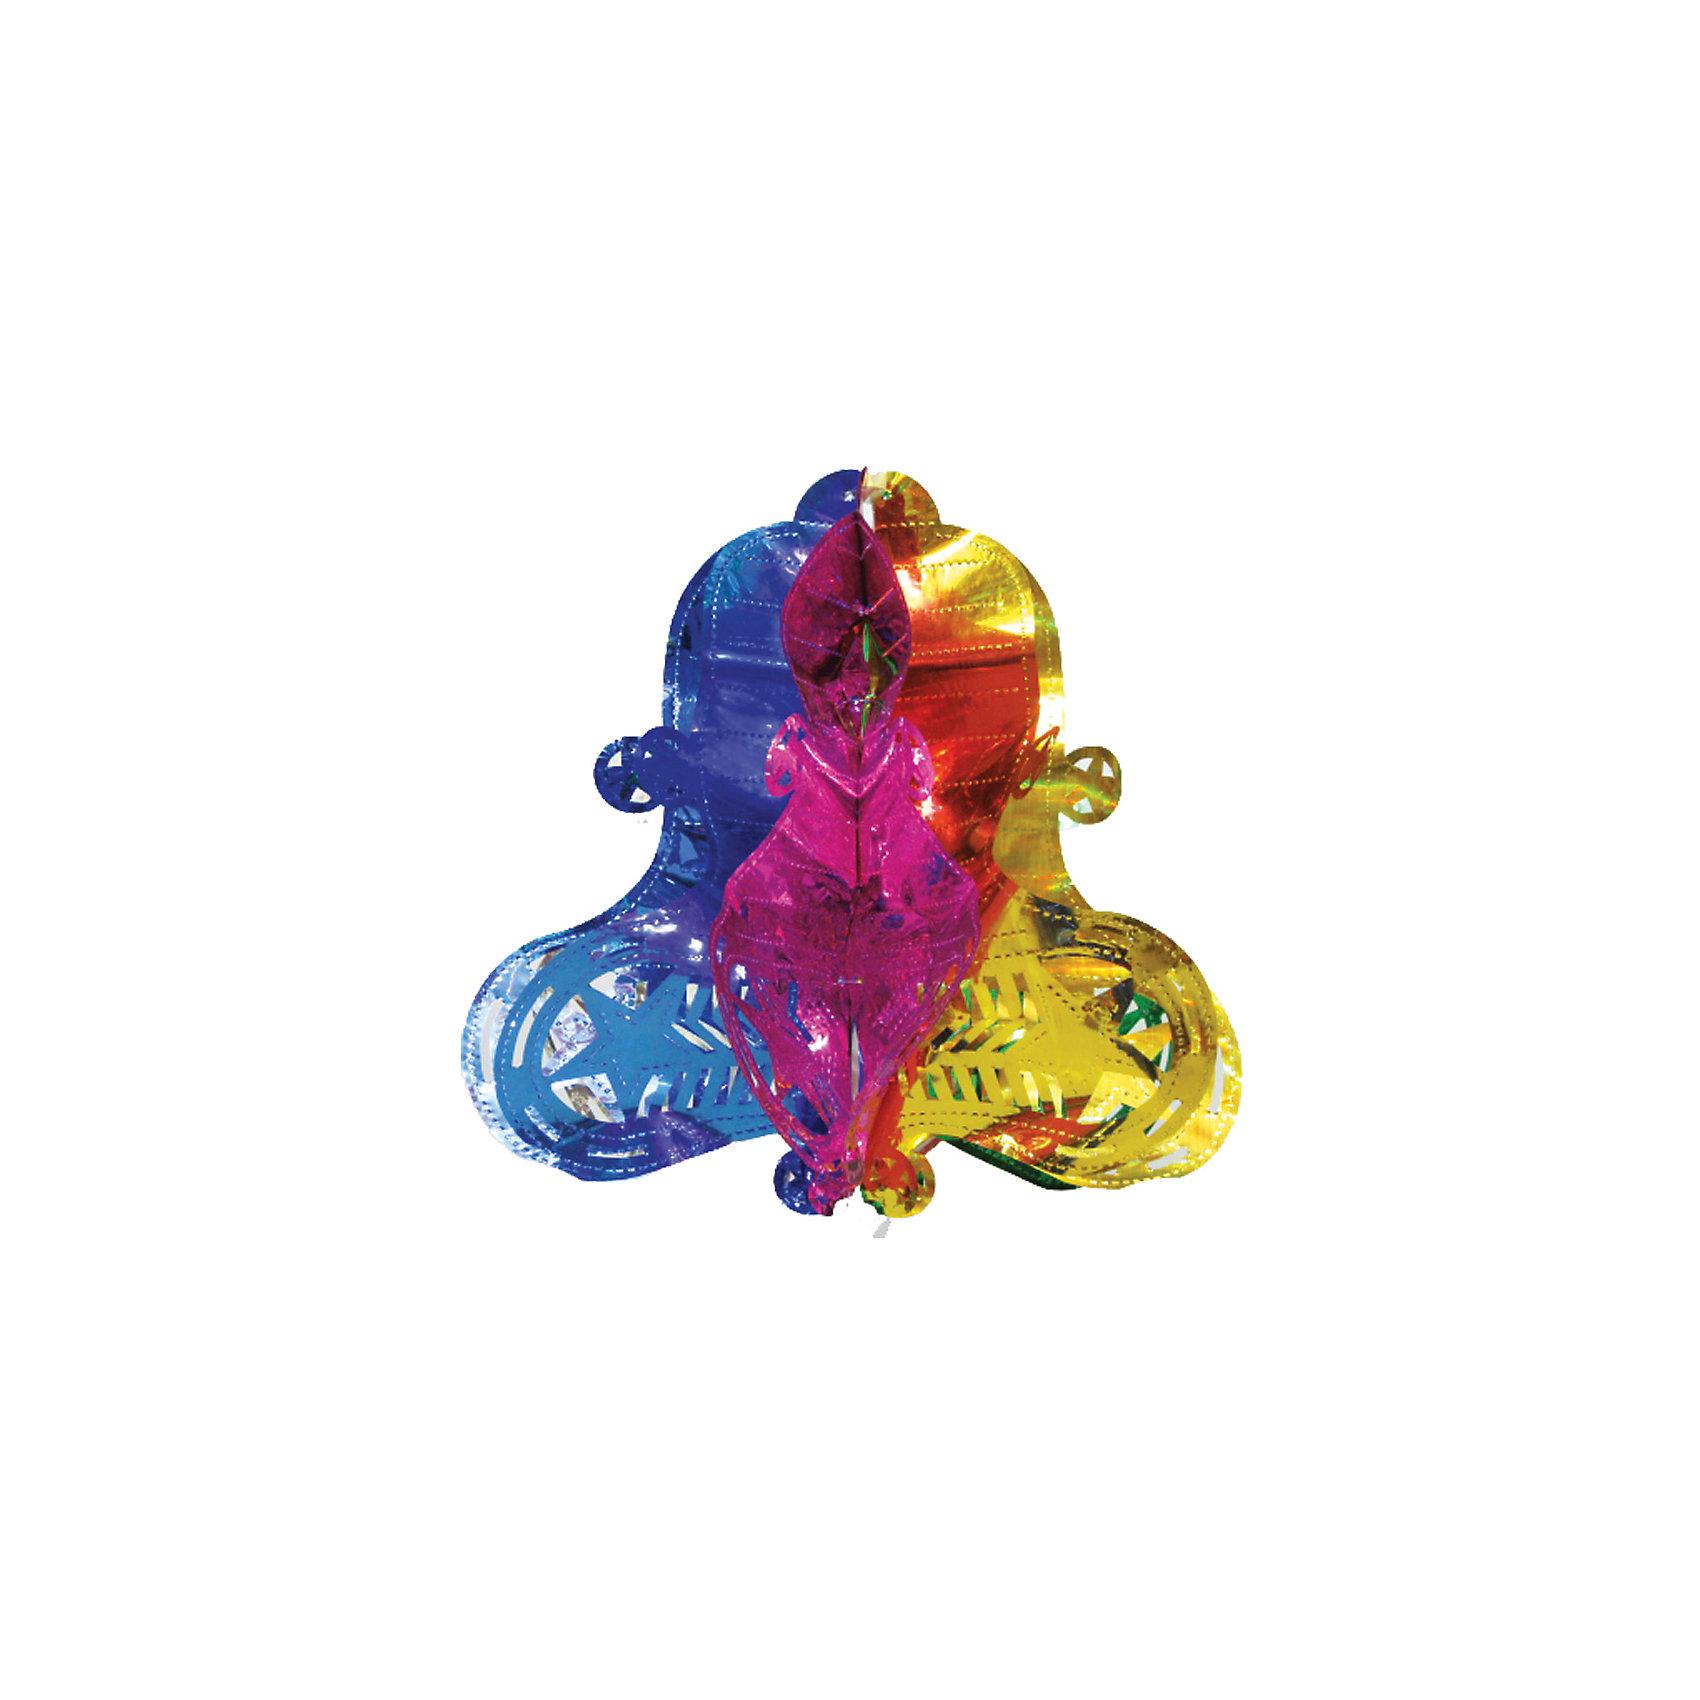 Украшение  Колокол, Marko FerenzoУкрашение Колокол, Marko Ferenzo, замечательно дополнит наряд Вашей новогодней елки и поможет создать праздничную радостную атмосферу. Украшение выполнено в виде разноцветного ажурного колокольчика из фольги, он будет чудесно смотреться на елке и радовать детей и взрослых.<br><br>Дополнительная информация:<br><br>- Материал: фольга.<br>- Размер: 40 см.<br><br>Украшение Колокол, Marko Ferenzo, можно купить в нашем интернет-магазине.<br><br>Ширина мм: 100<br>Глубина мм: 10<br>Высота мм: 100<br>Вес г: 313<br>Возраст от месяцев: 36<br>Возраст до месяцев: 2147483647<br>Пол: Унисекс<br>Возраст: Детский<br>SKU: 4418896